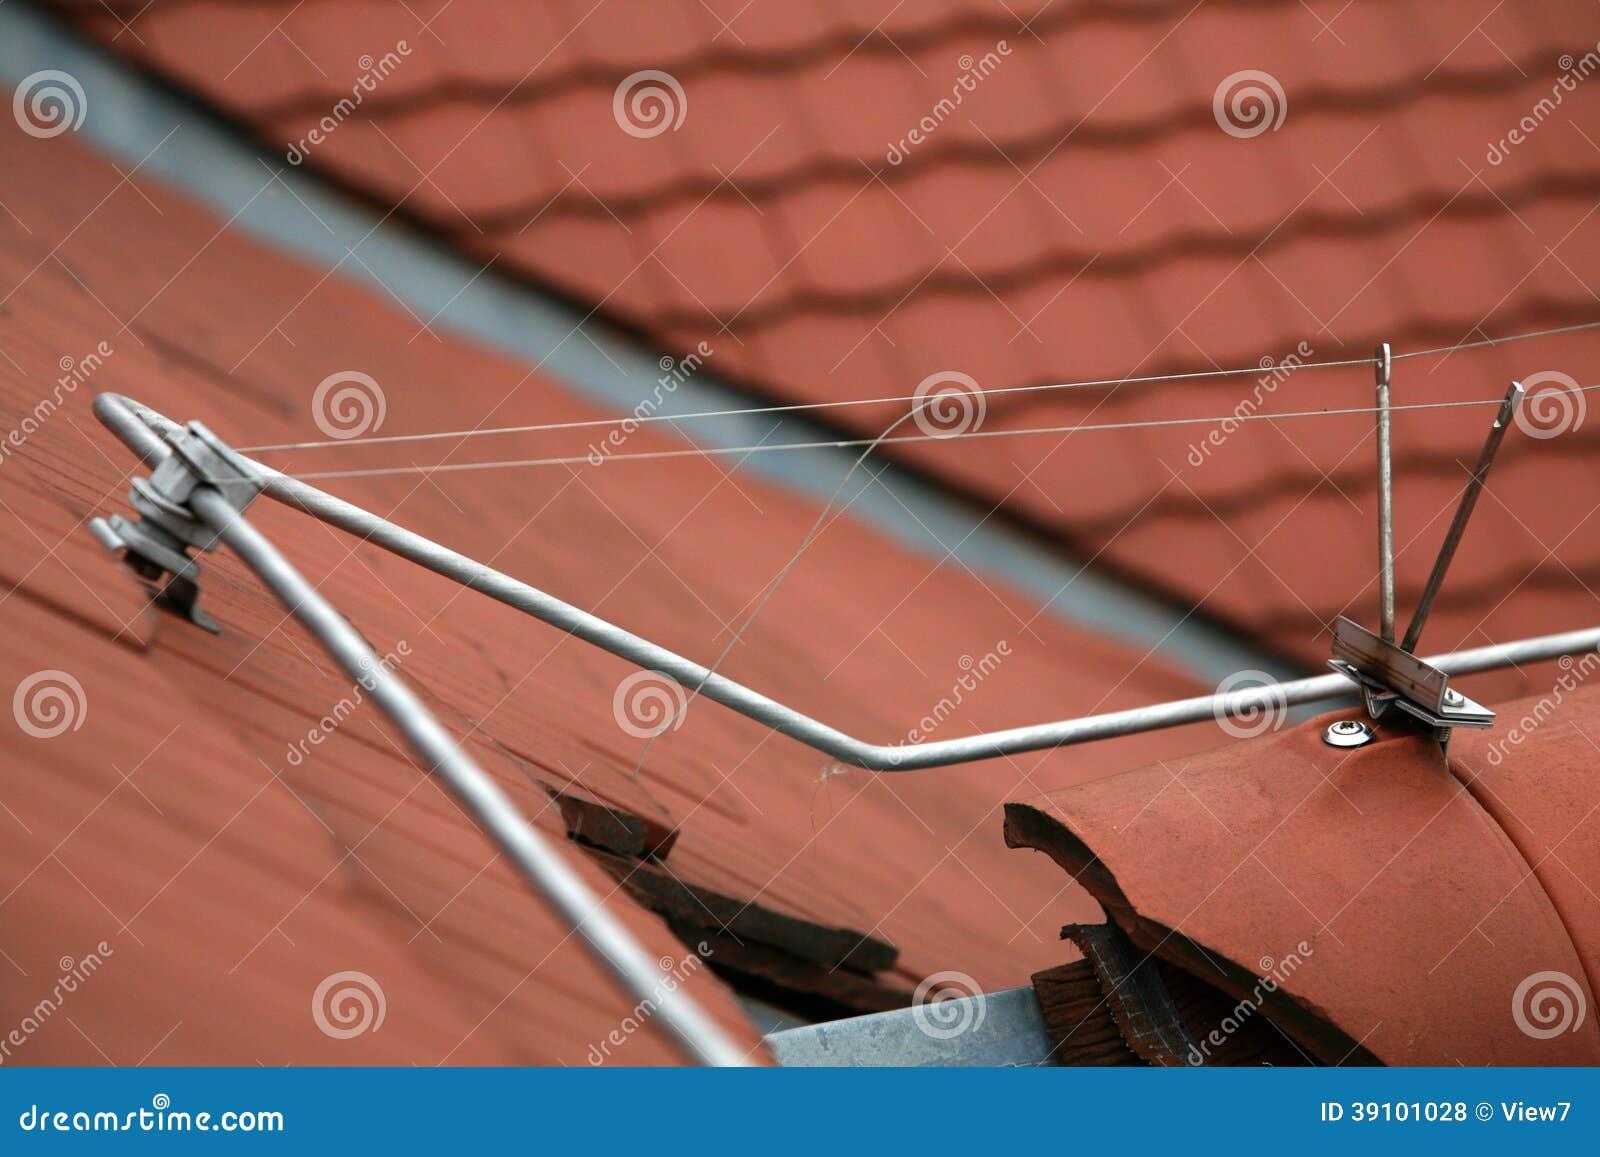 Bliksemafleider op een betegeld dak